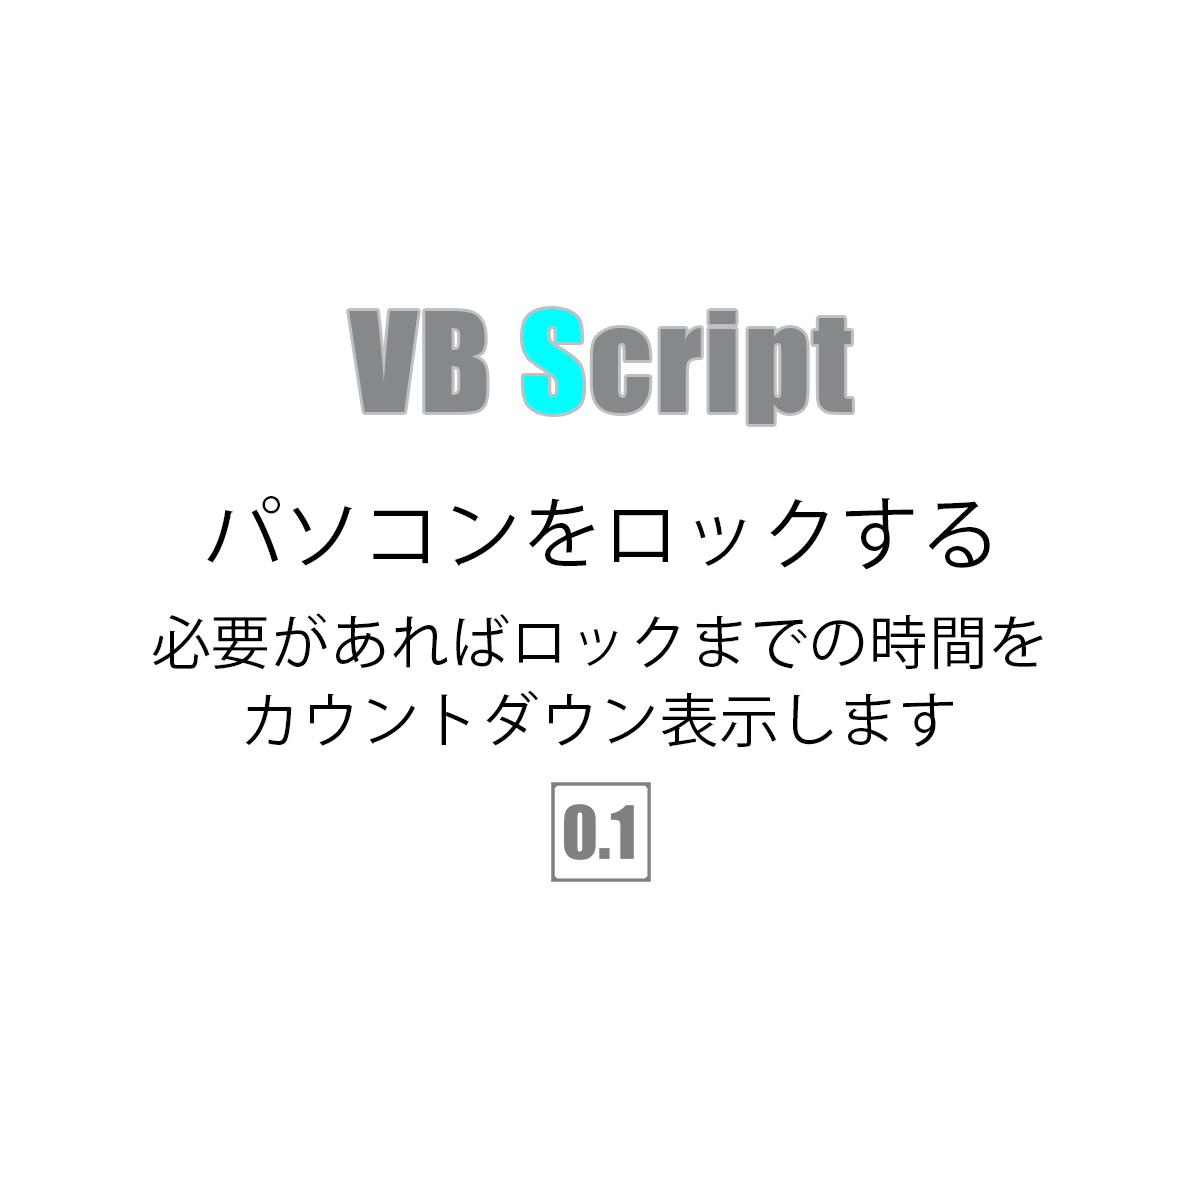 【2】パソコンをロックするVBSファイルを準備する(ロックまでのカウントダウンを表示する)